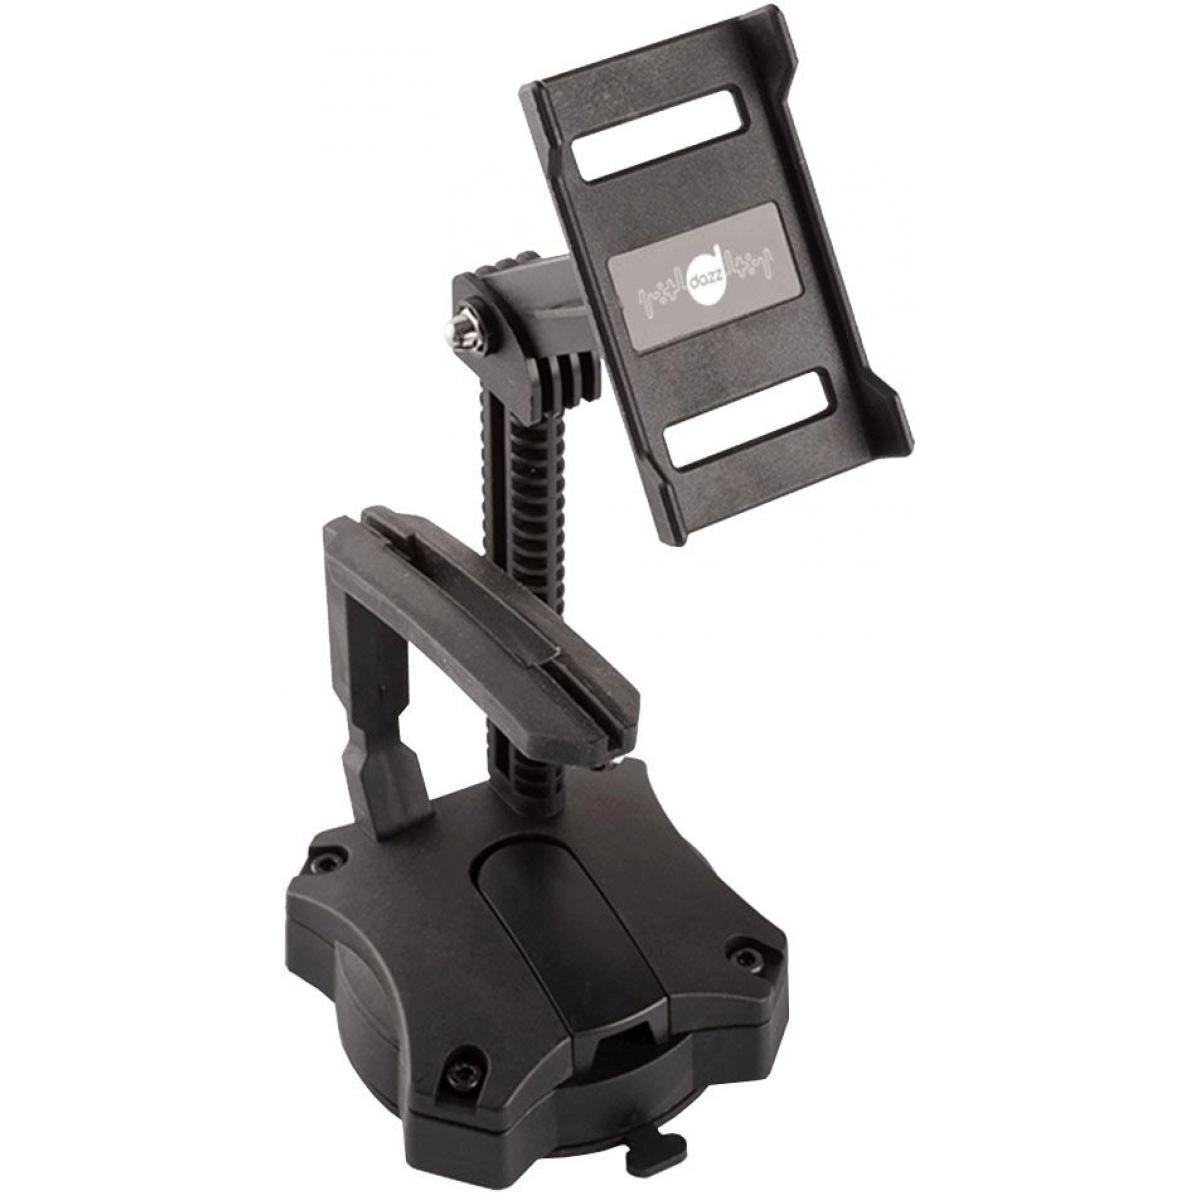 Suporte para Headset e Mouse Dazz Defender, Preto, 62000012